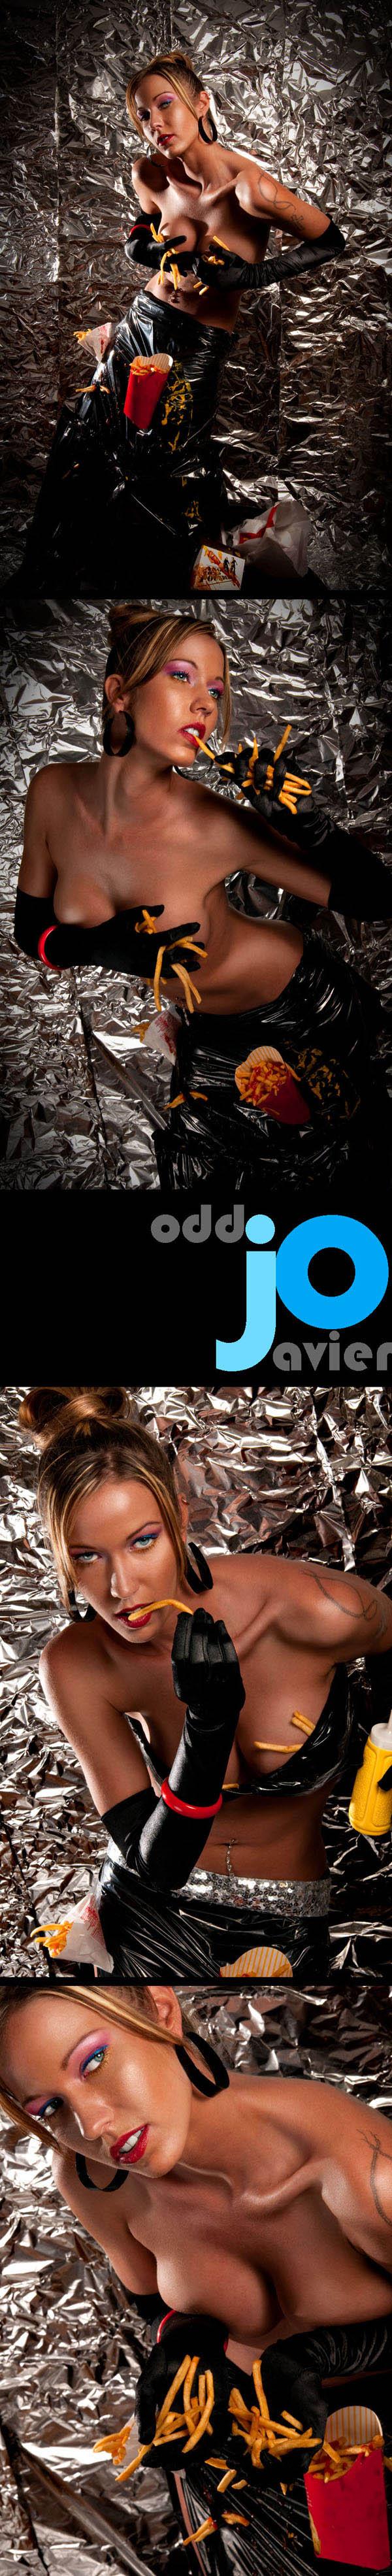 Jun 29, 2009 Photo By: Javier Oddo Fast Food Garbage